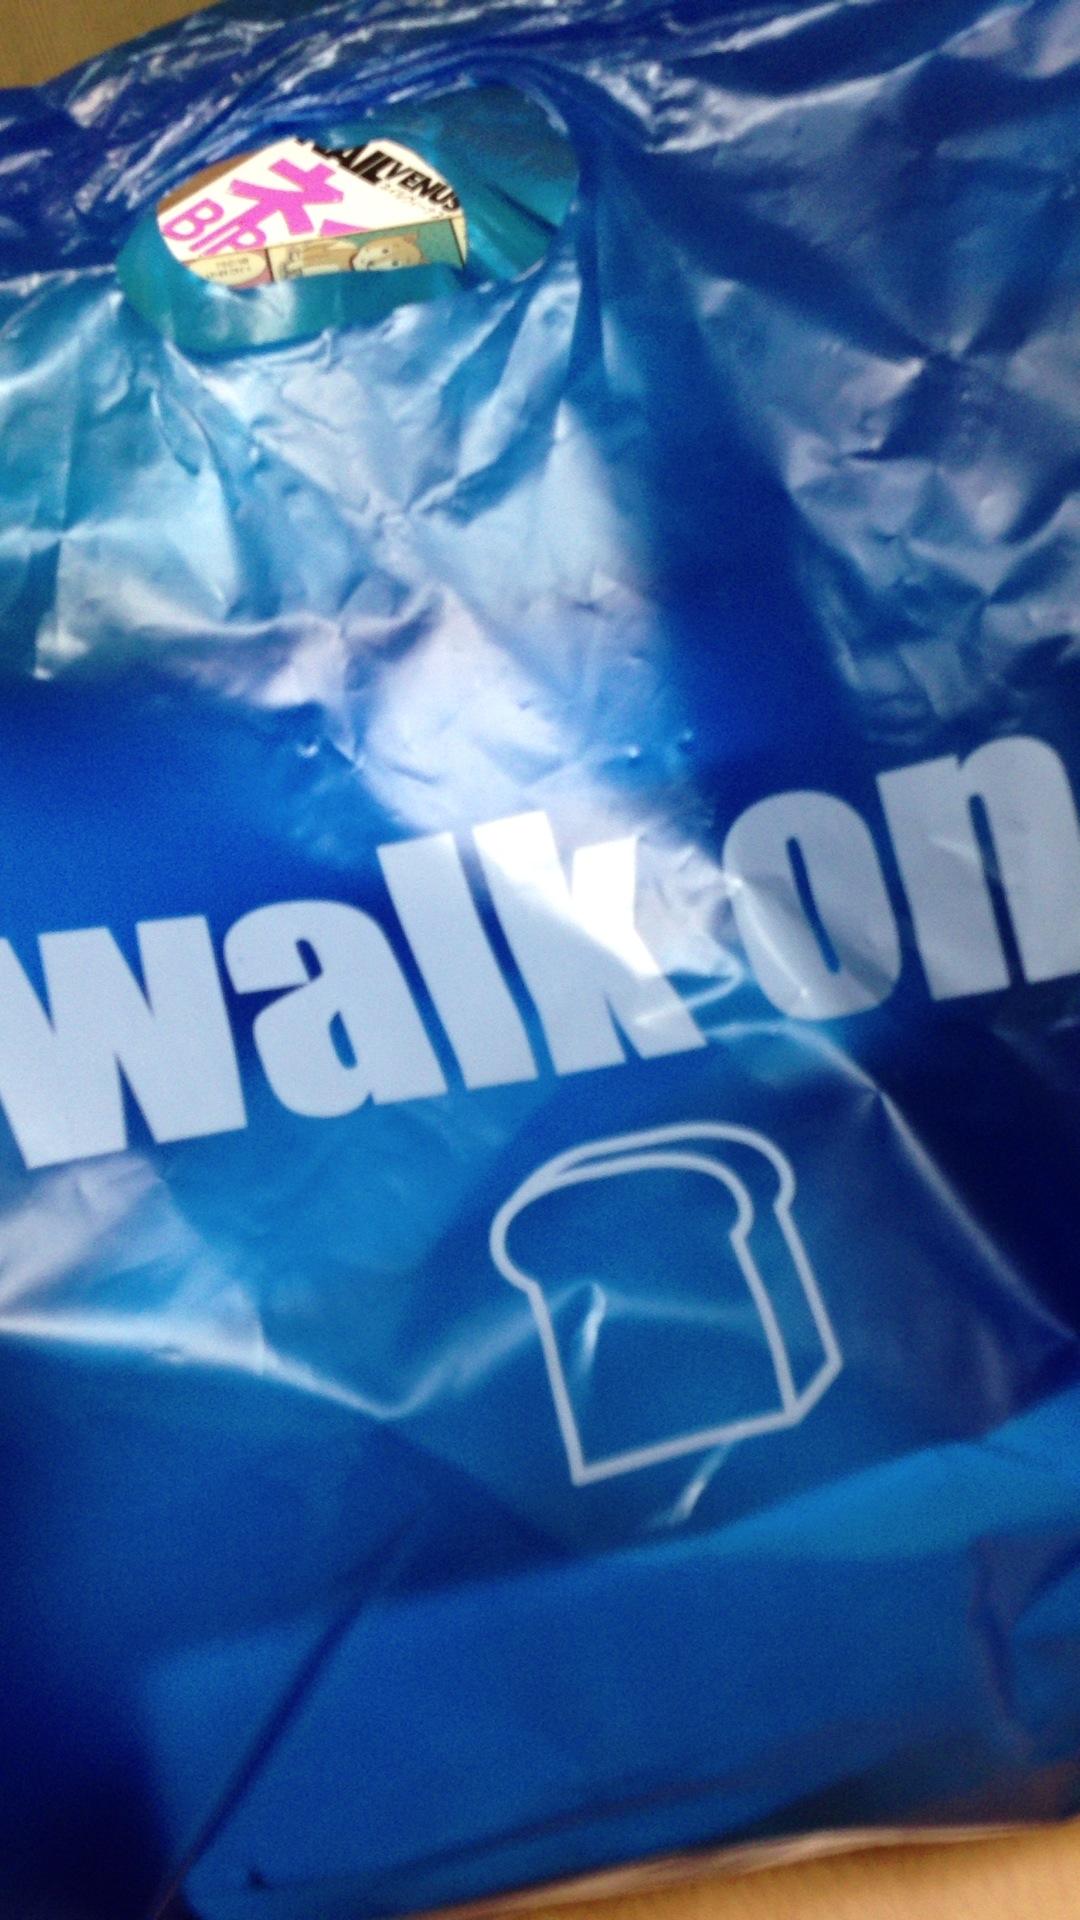 ウォークオン